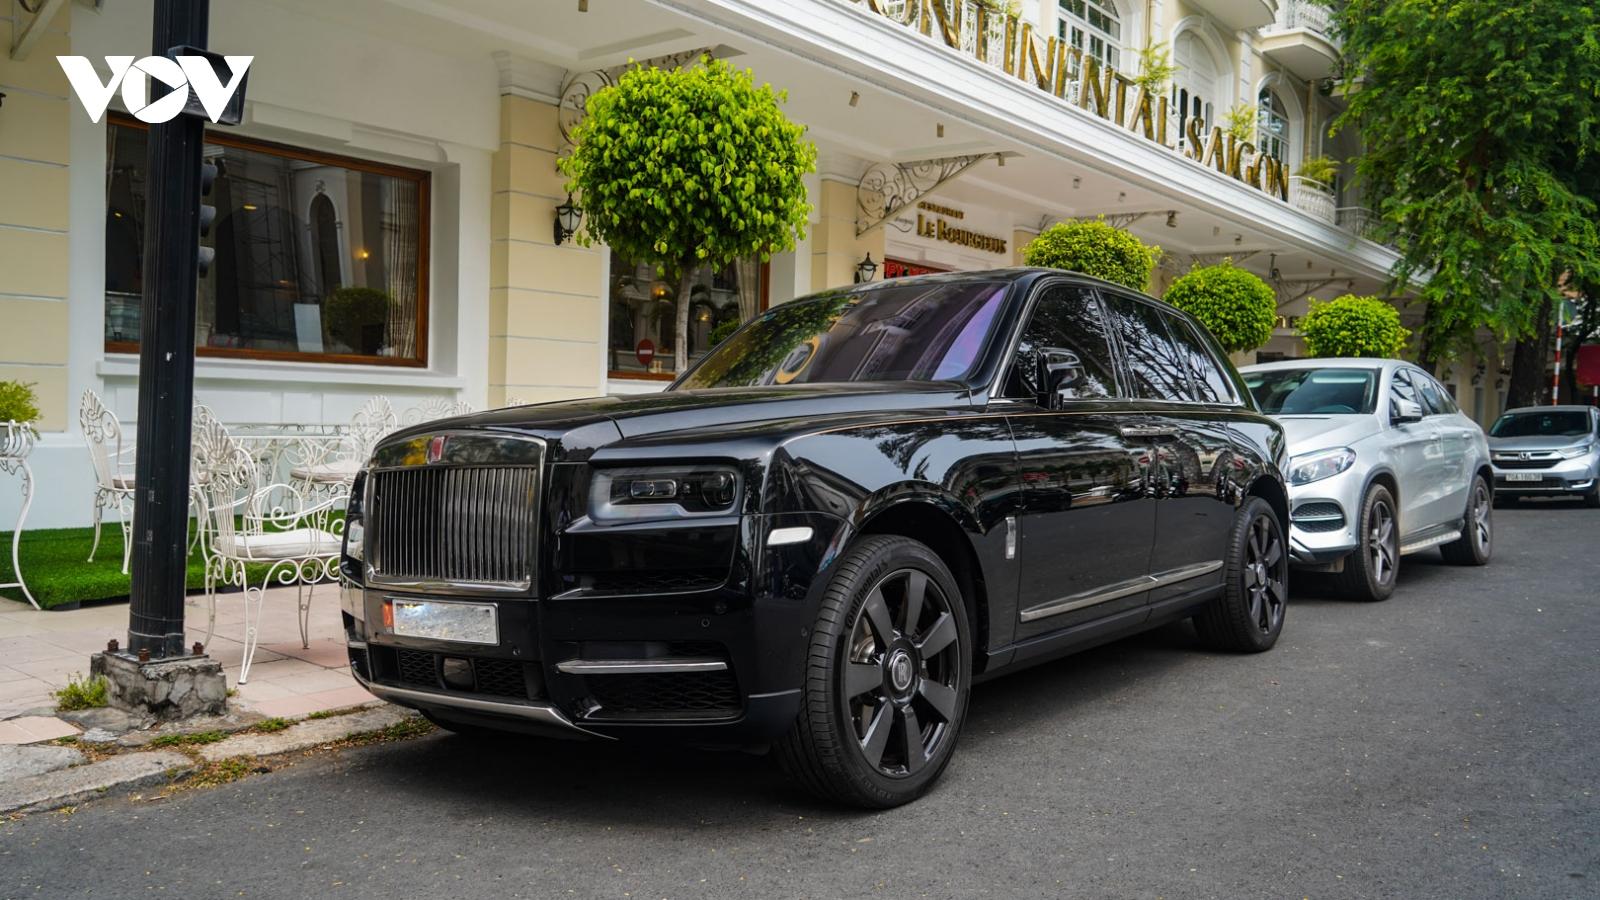 SUV hơn 40 tỷ đồng - Rolls-Royce Cullinan khoe dáng trên phố ngày cuối tuần